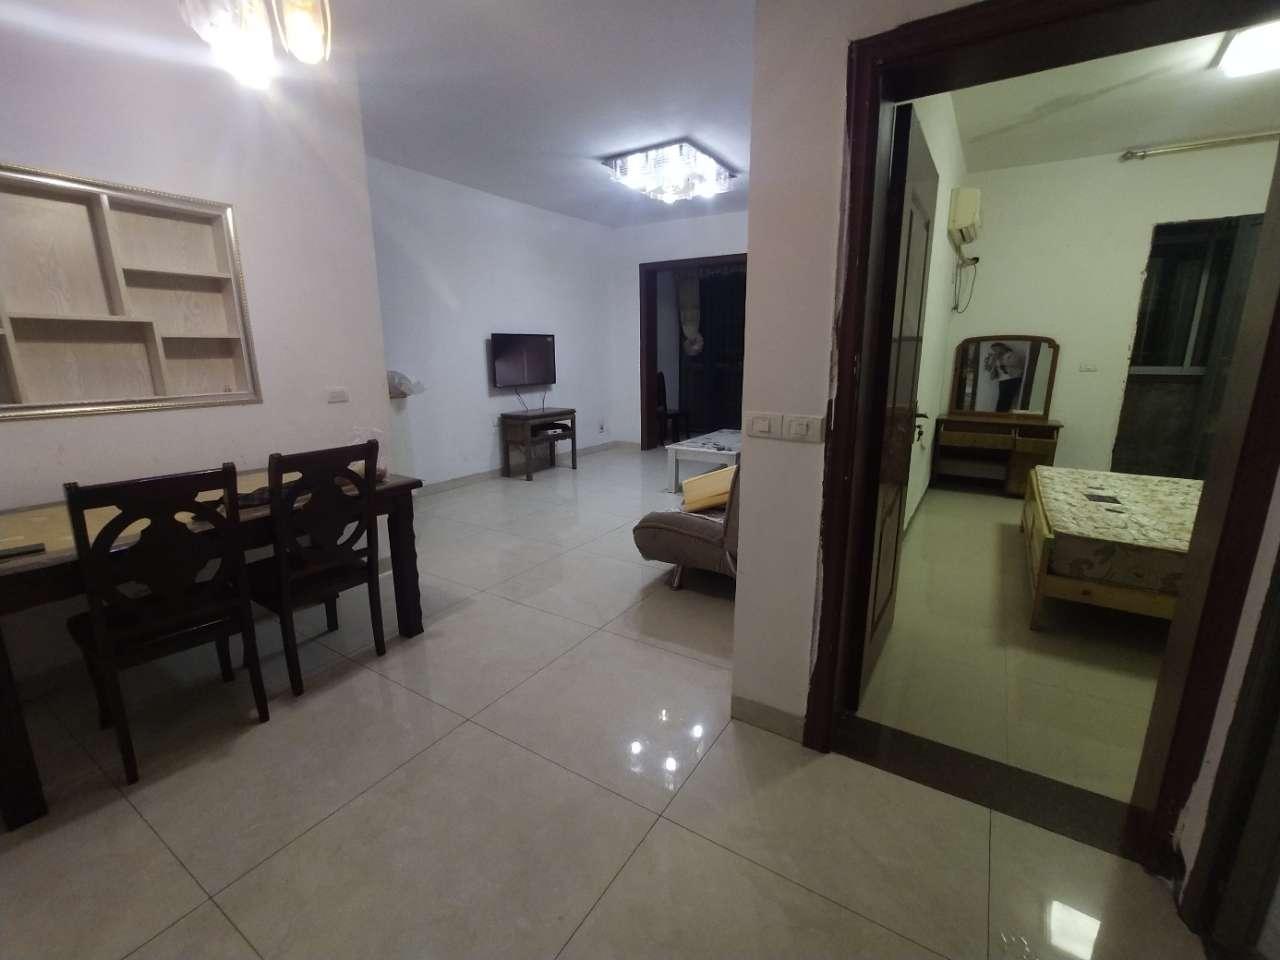 新城两室一厅精装房屋出租